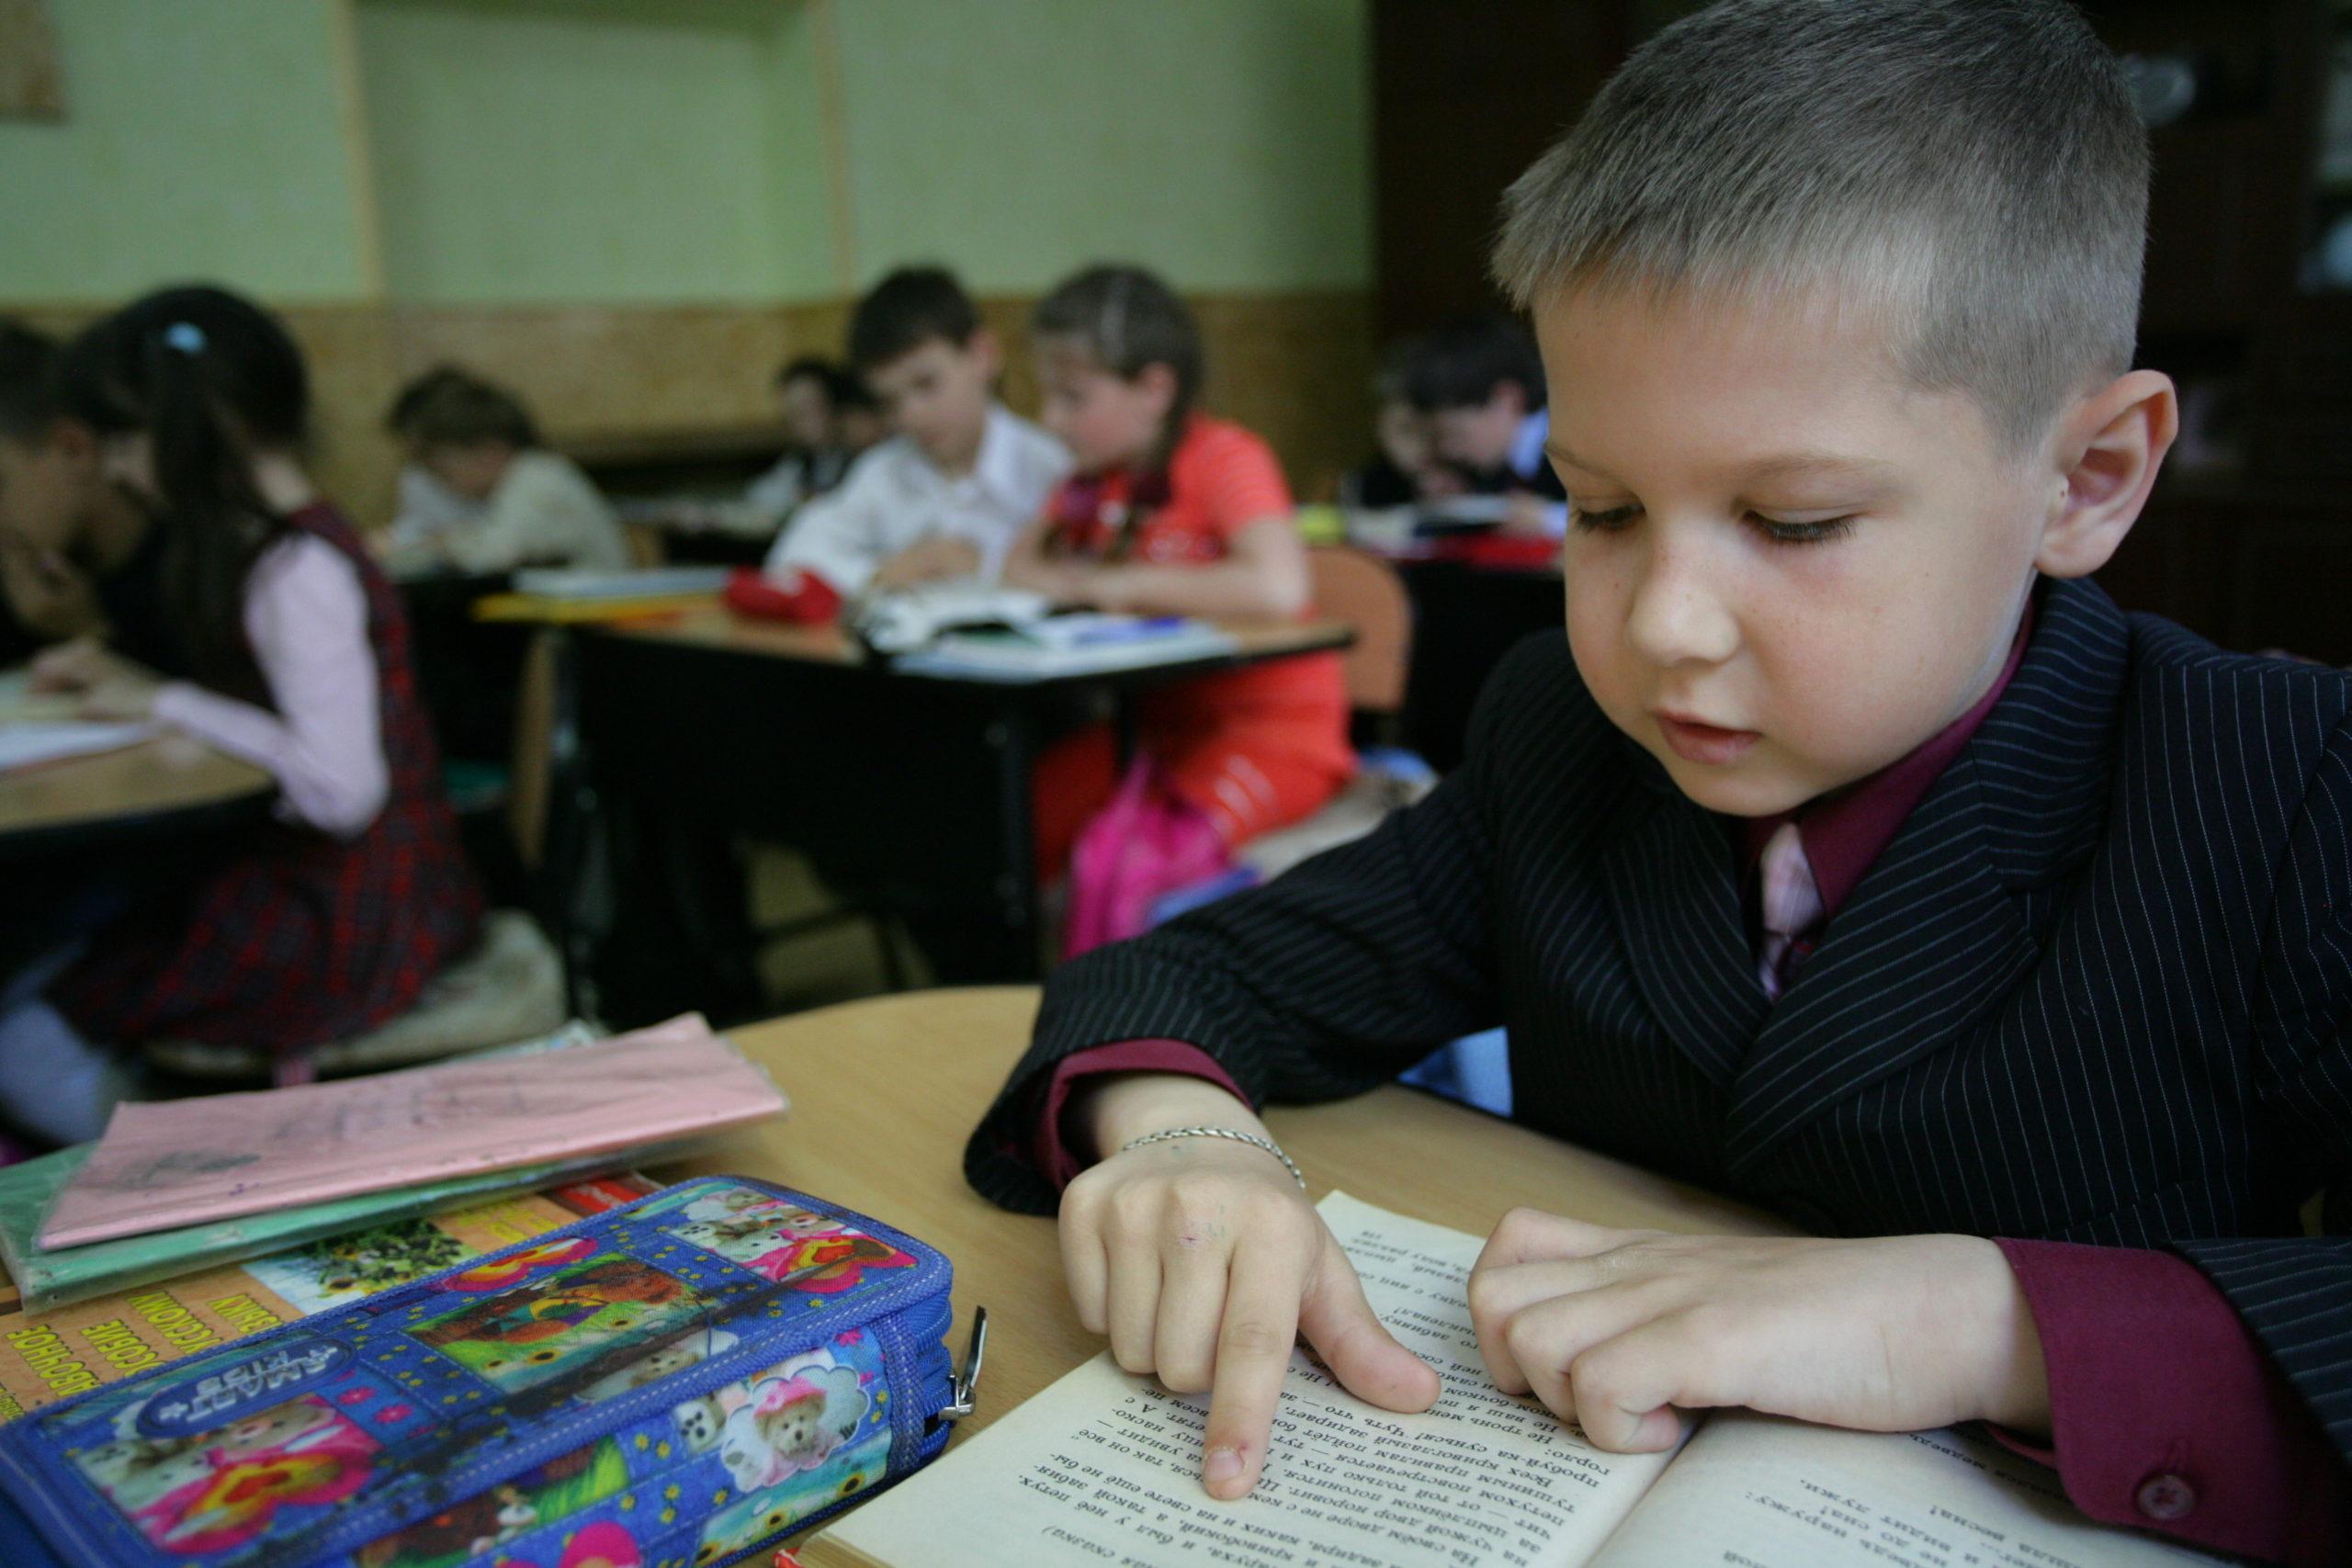 Ce condiții trebuie să îndeplinească elevii pentru a putea participa la cursuri